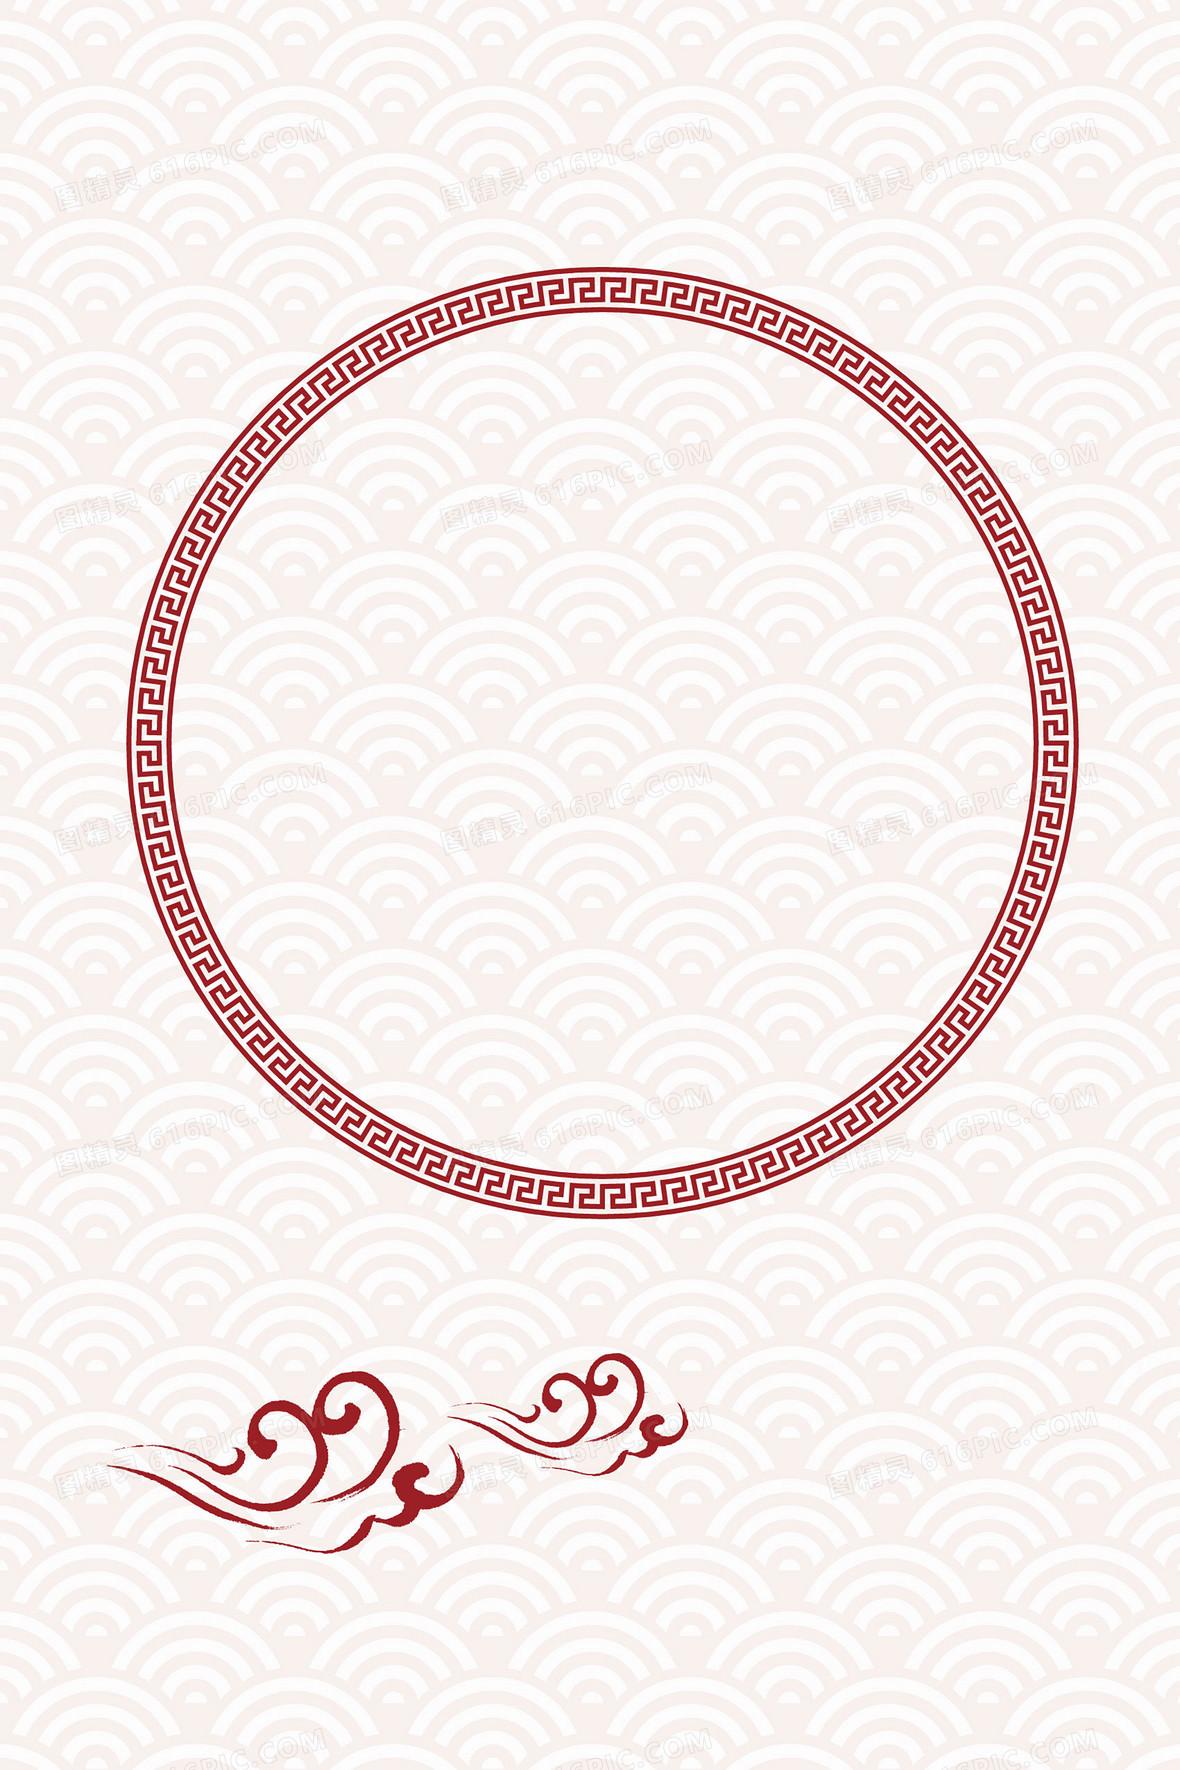 矢量古典圆形边框中国风背景素材